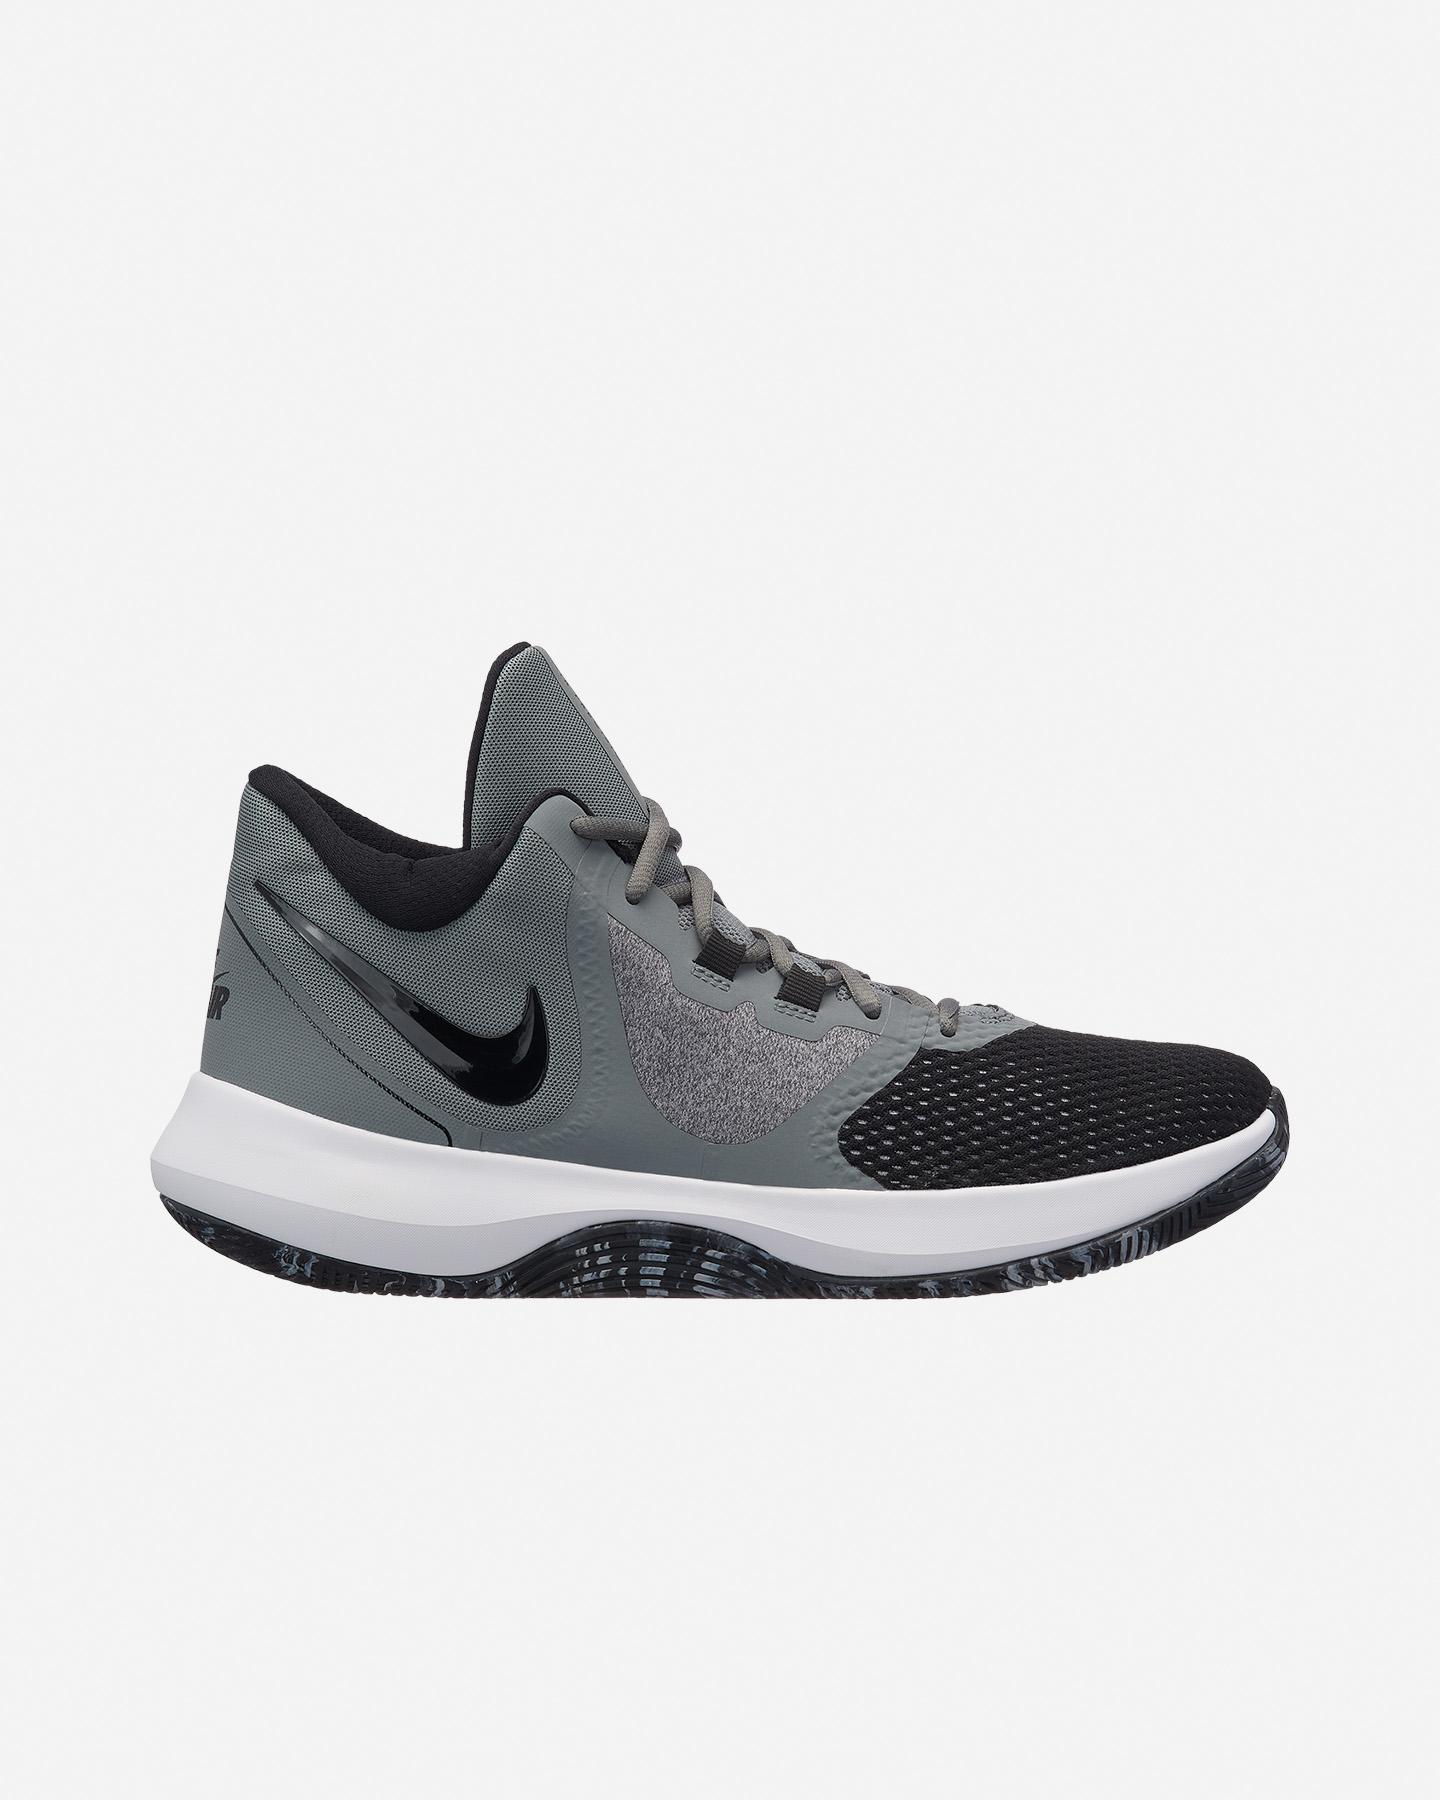 Basket Cisalfa Air M Precision Su Sport Aa7069 Ii Scarpe Nike 011 Zz06xZ